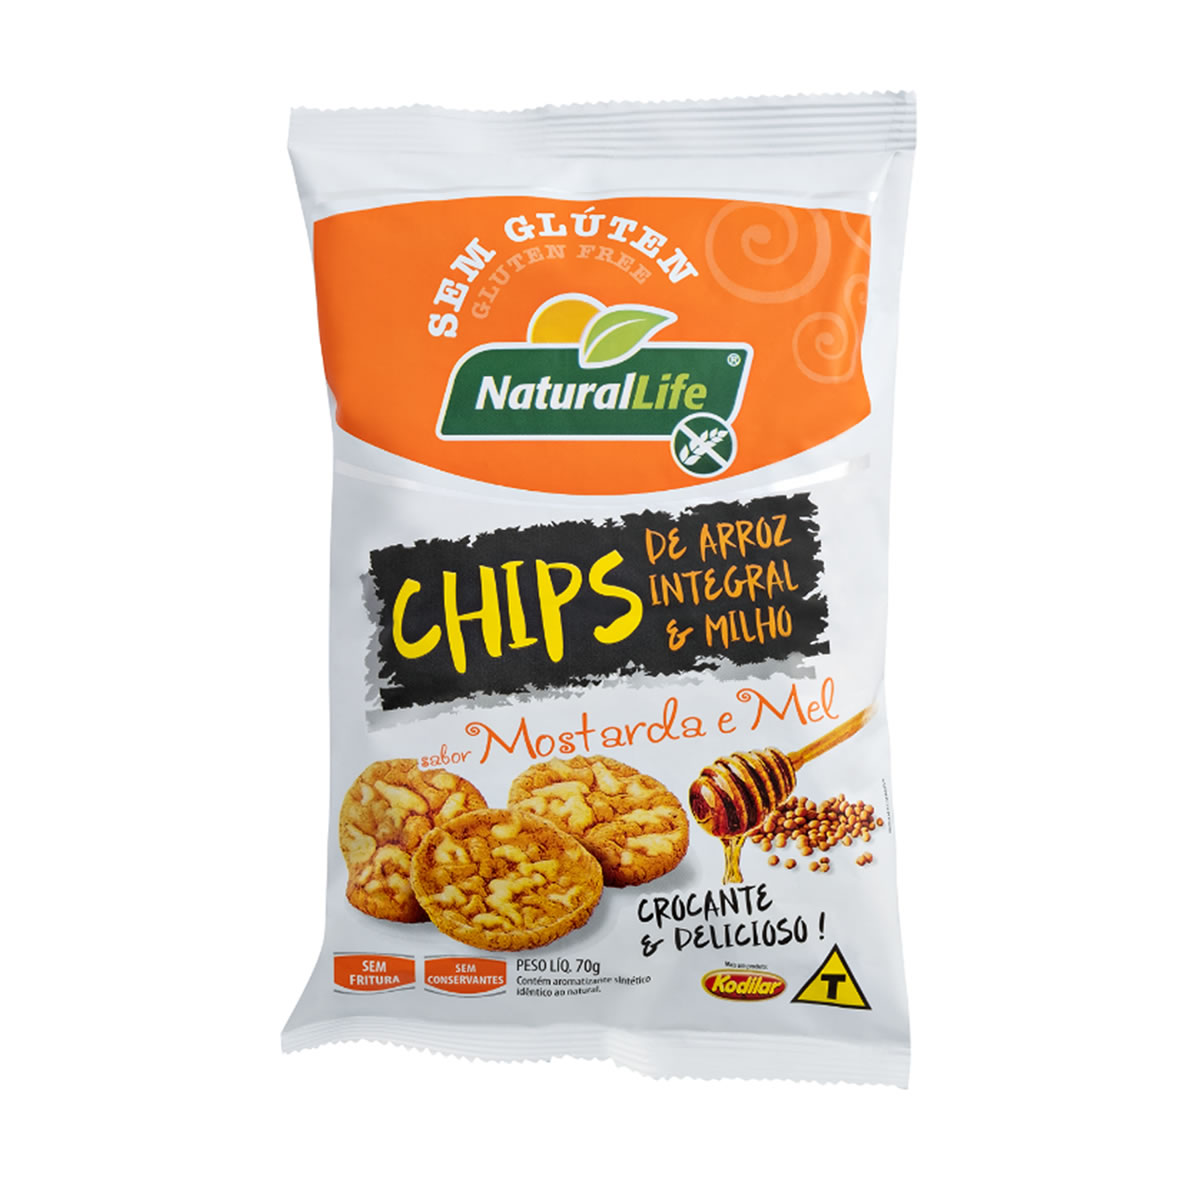 Chips de Arroz Integral e Milho Sabor Mostarda e Mel Sem Glúten 70g - NaturalLife